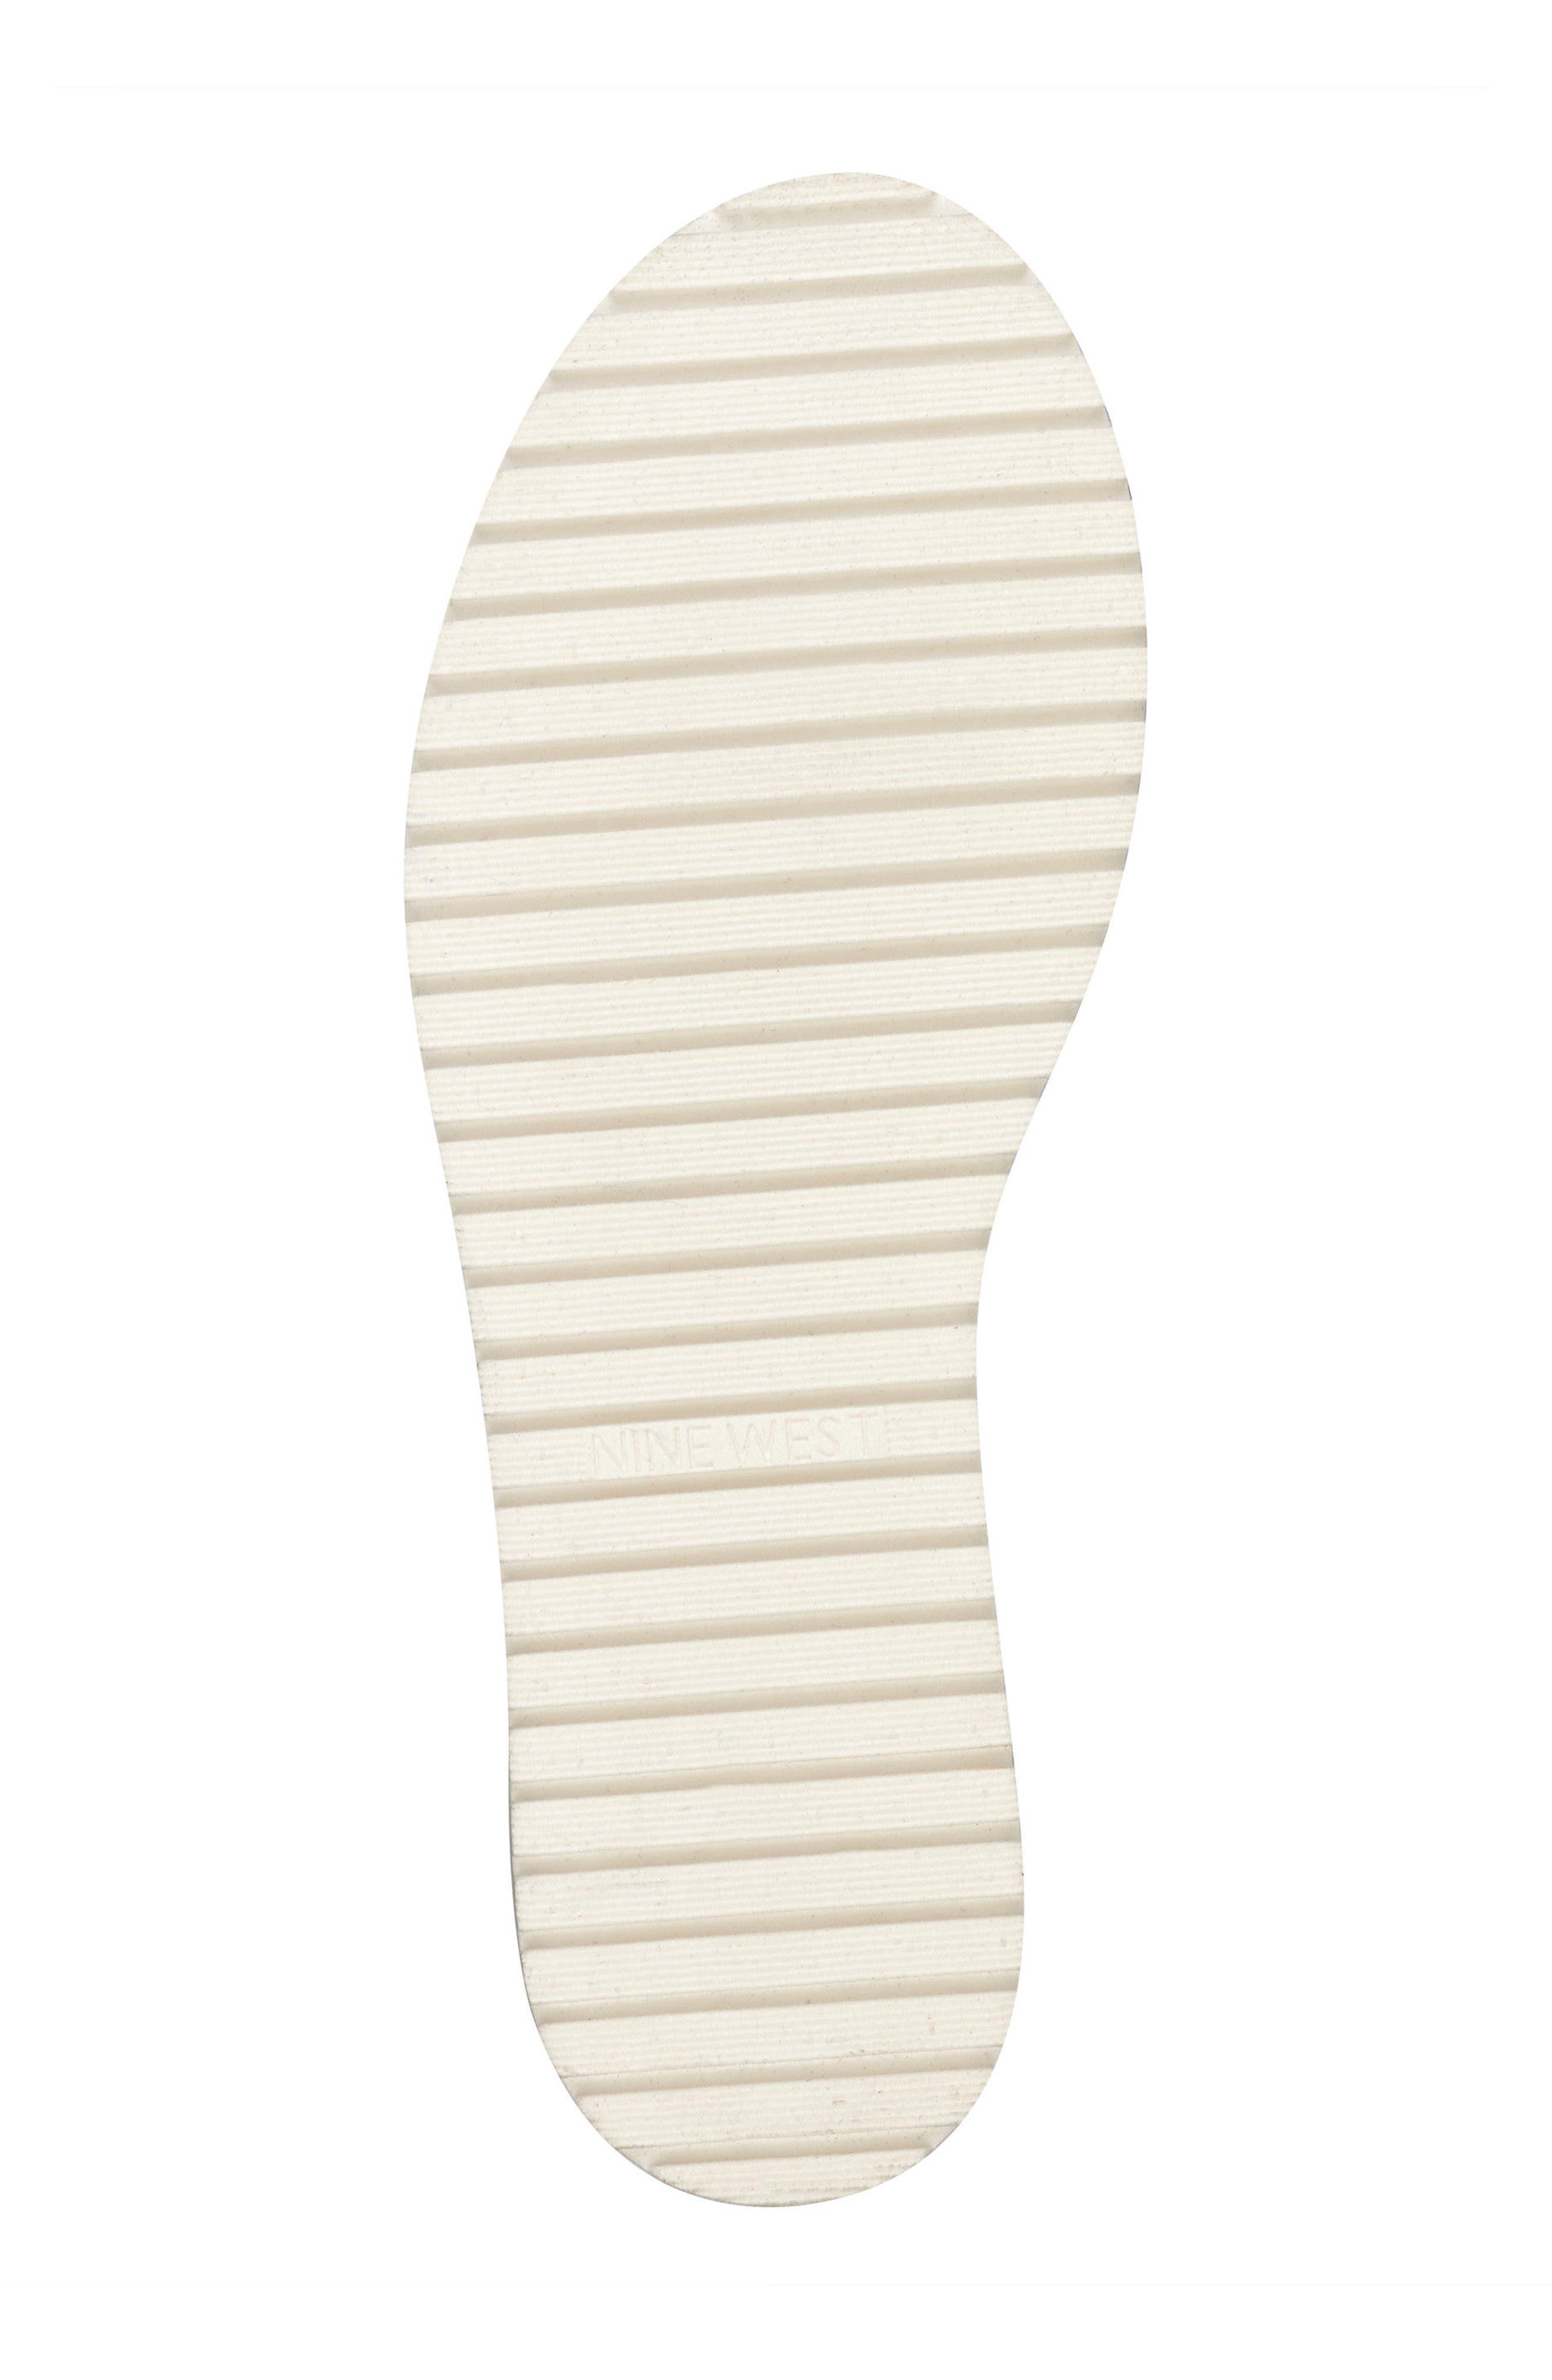 Ruth Slide Sandal,                             Alternate thumbnail 6, color,                             Black/ White Fabric